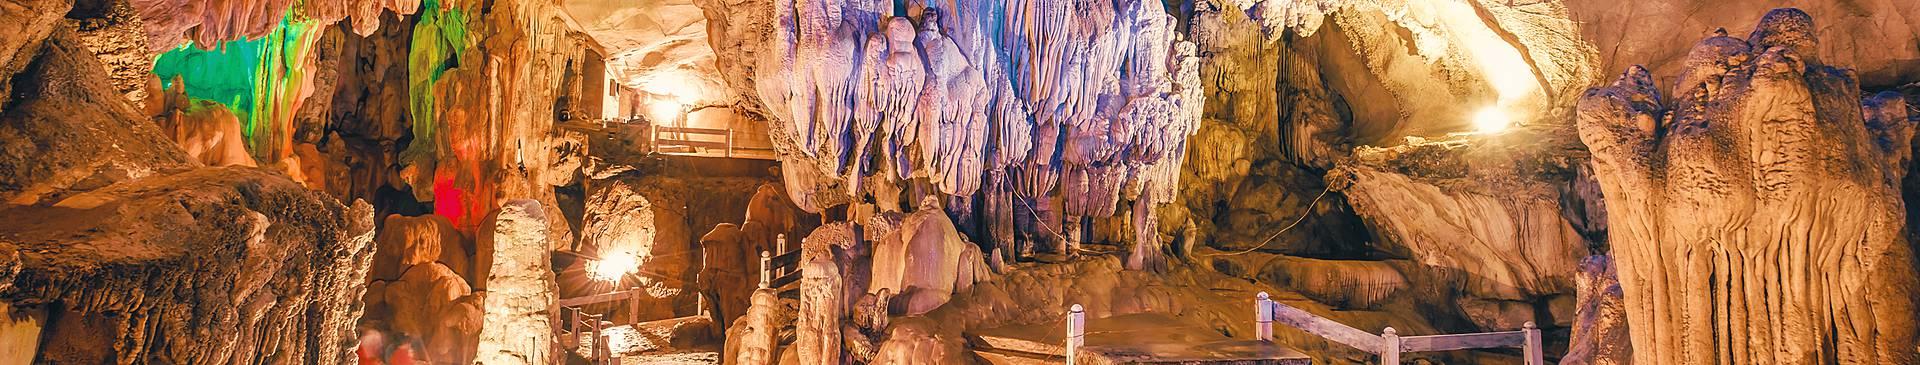 Voyage nature au Laos